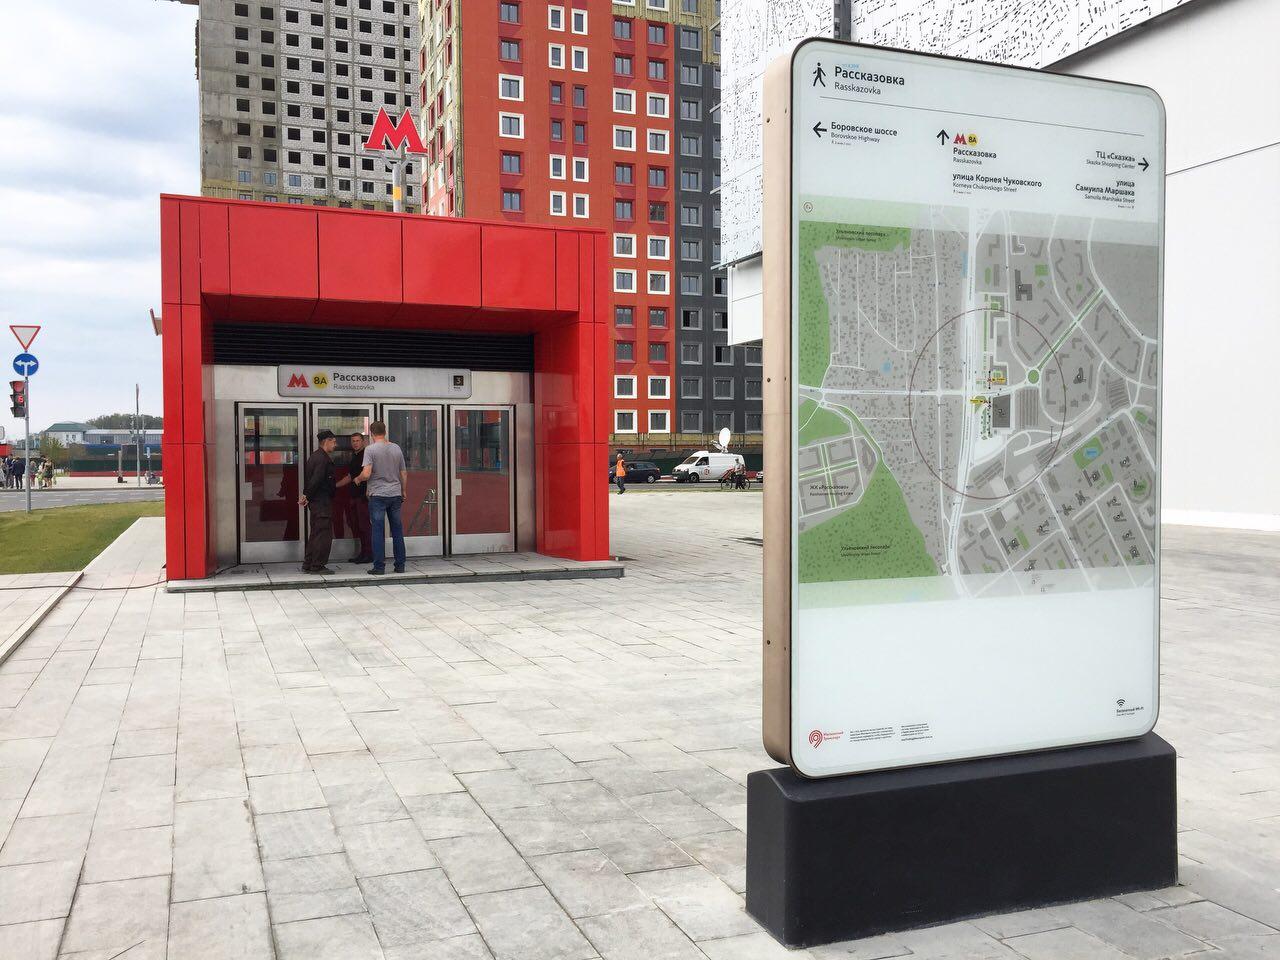 В Рассказовке состоялось торжественное открытие семи новых станций метрополитена